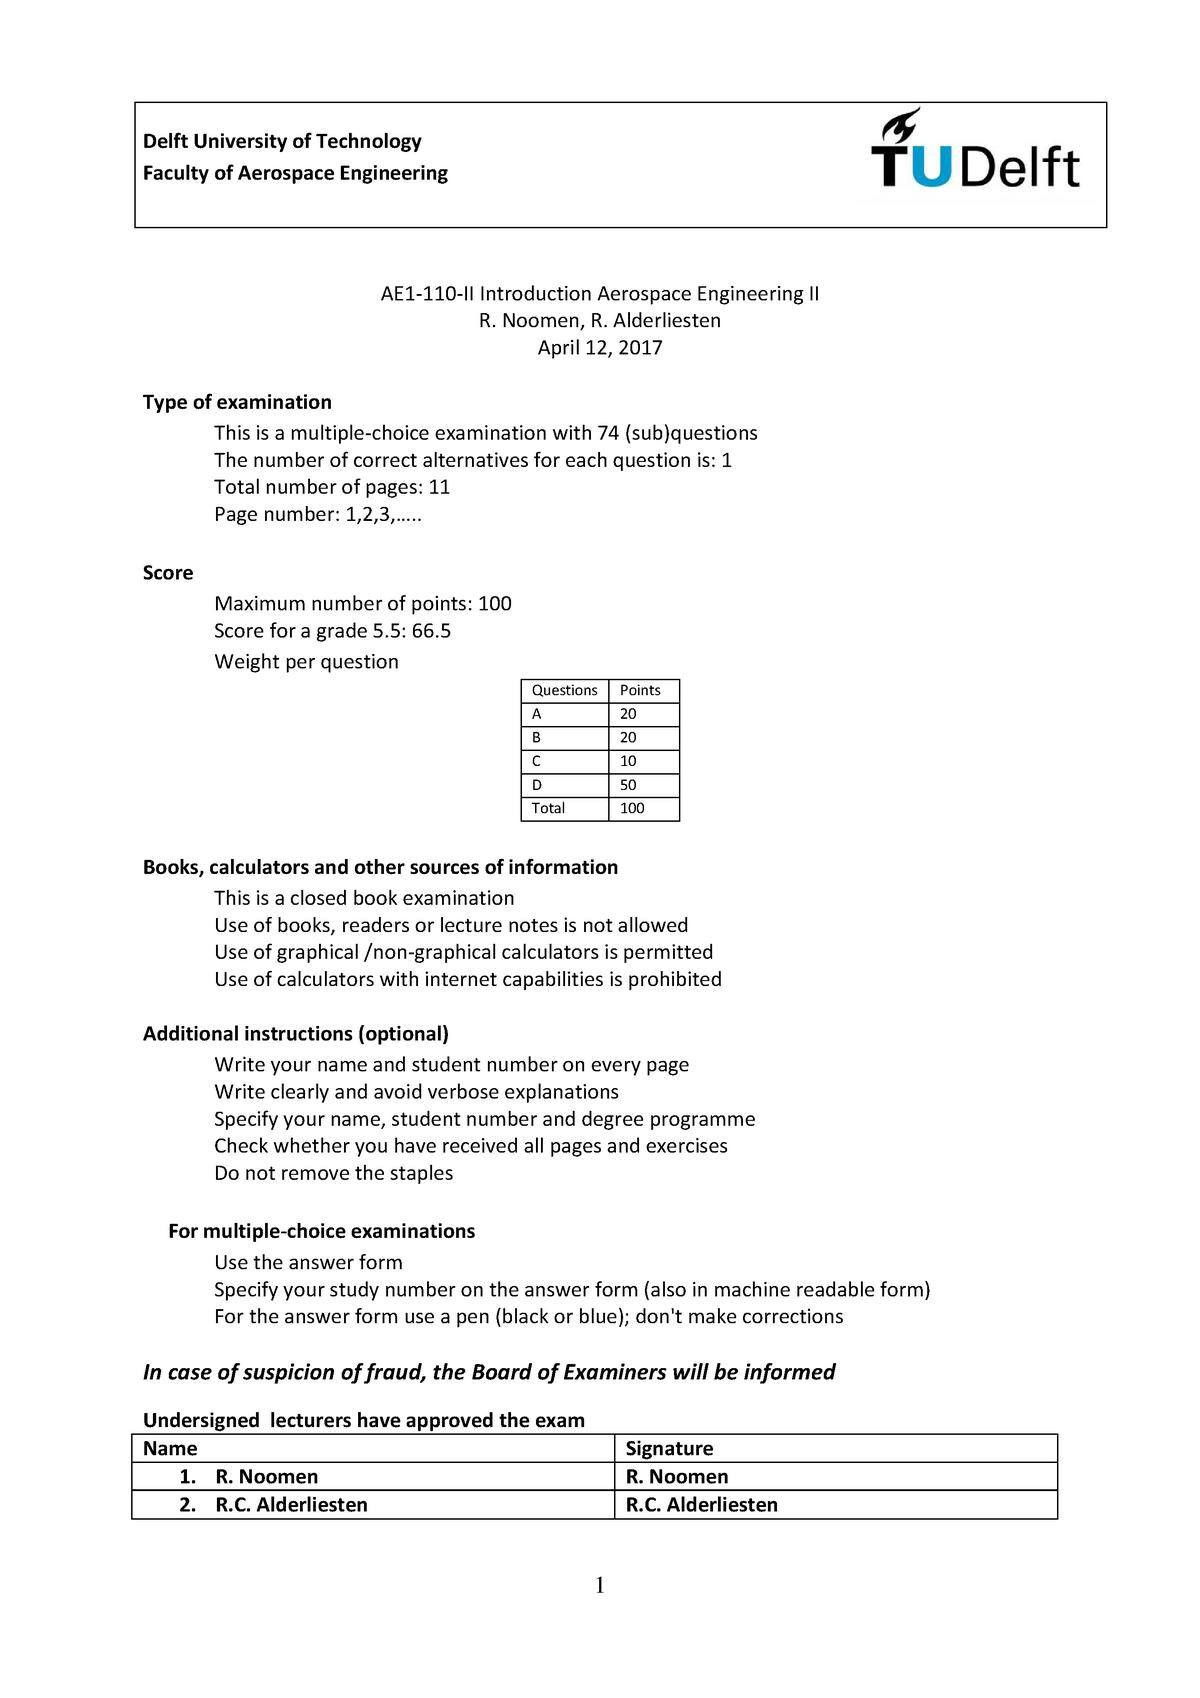 Exam 2017 - AE1110-I: Introduction to Aerospace Engineering I - StuDocu